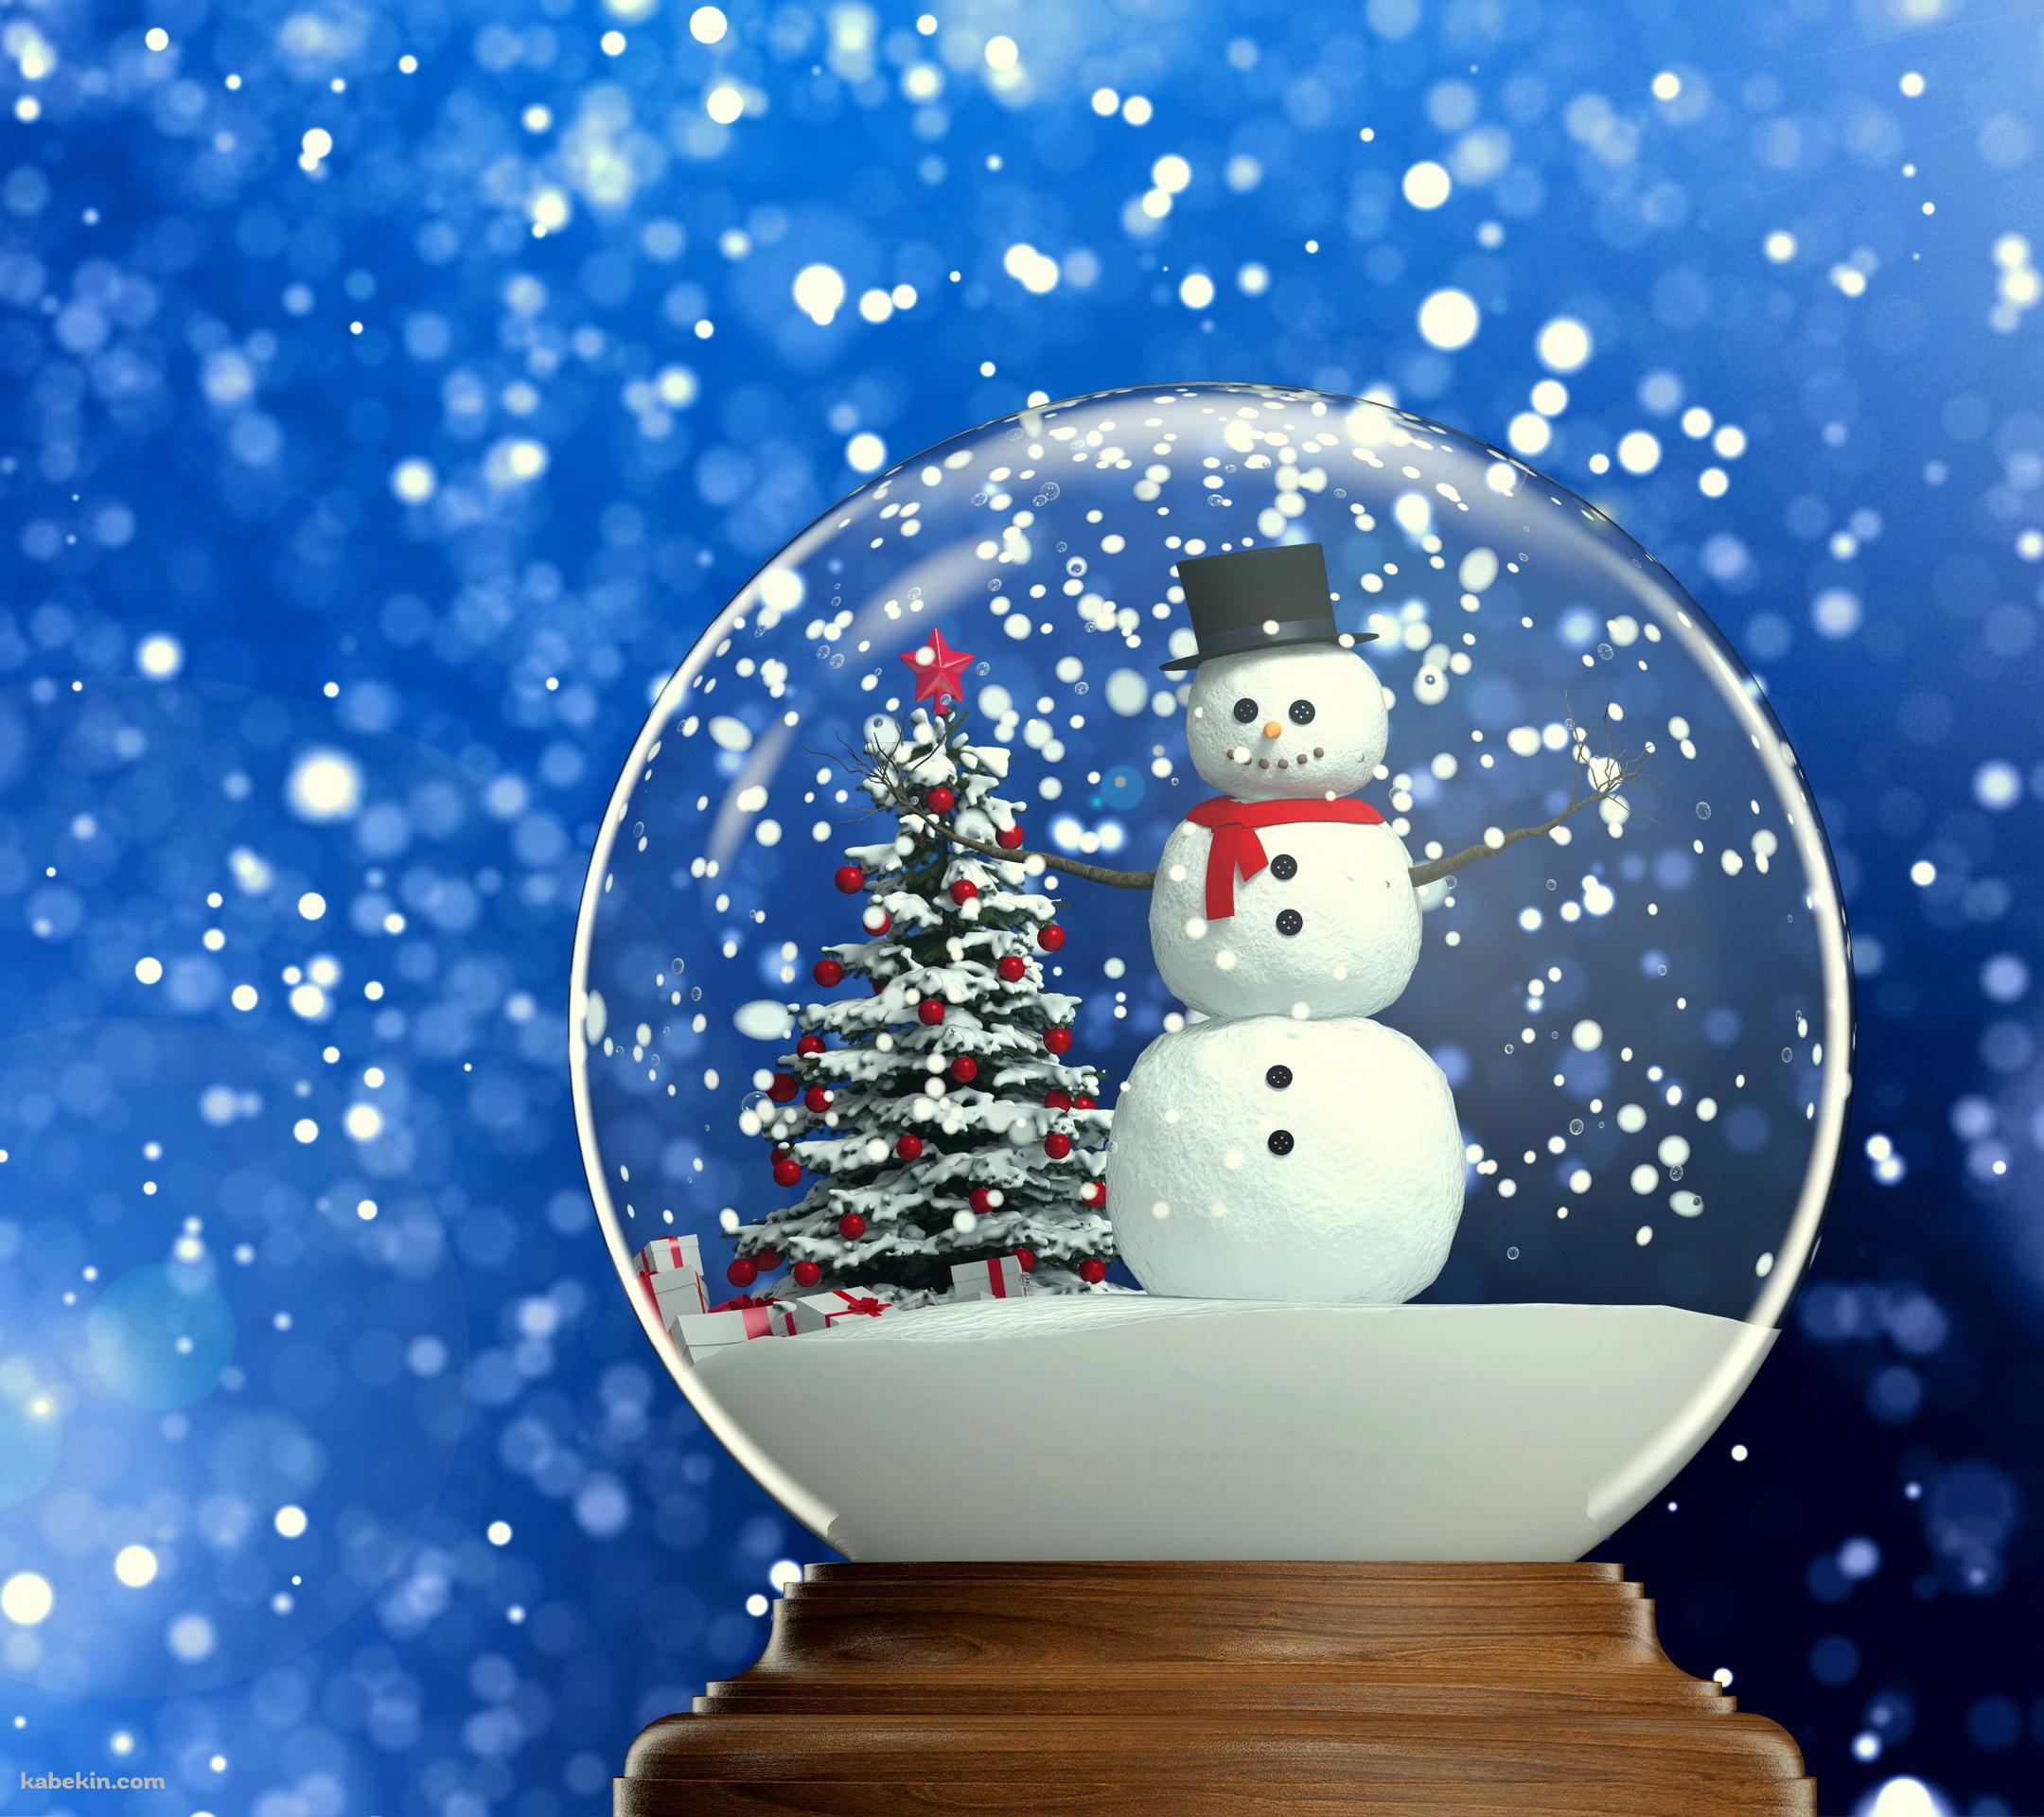 雪だるまのandroid壁紙 2160 X 1920 壁紙キングダム スマホ版